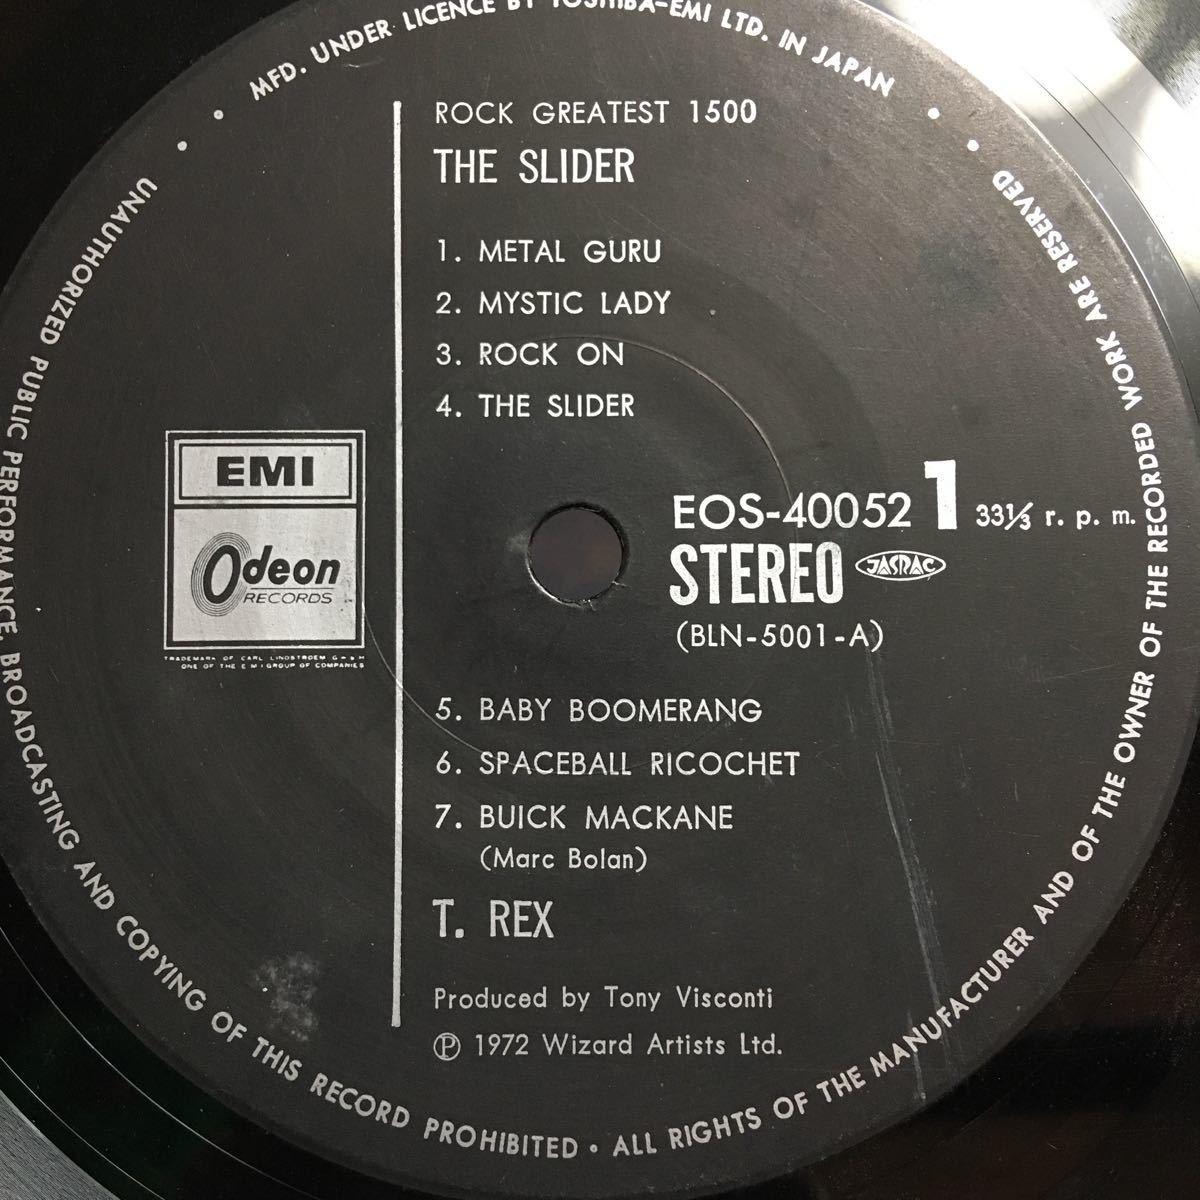 【1スタ売り切り*特価ノークレーム厳守】LP T.REX/THE SLIDER スライダー[Odeon EOS-40052] ★DAVID BOWIE 坂本慎太郎 グラム _画像3